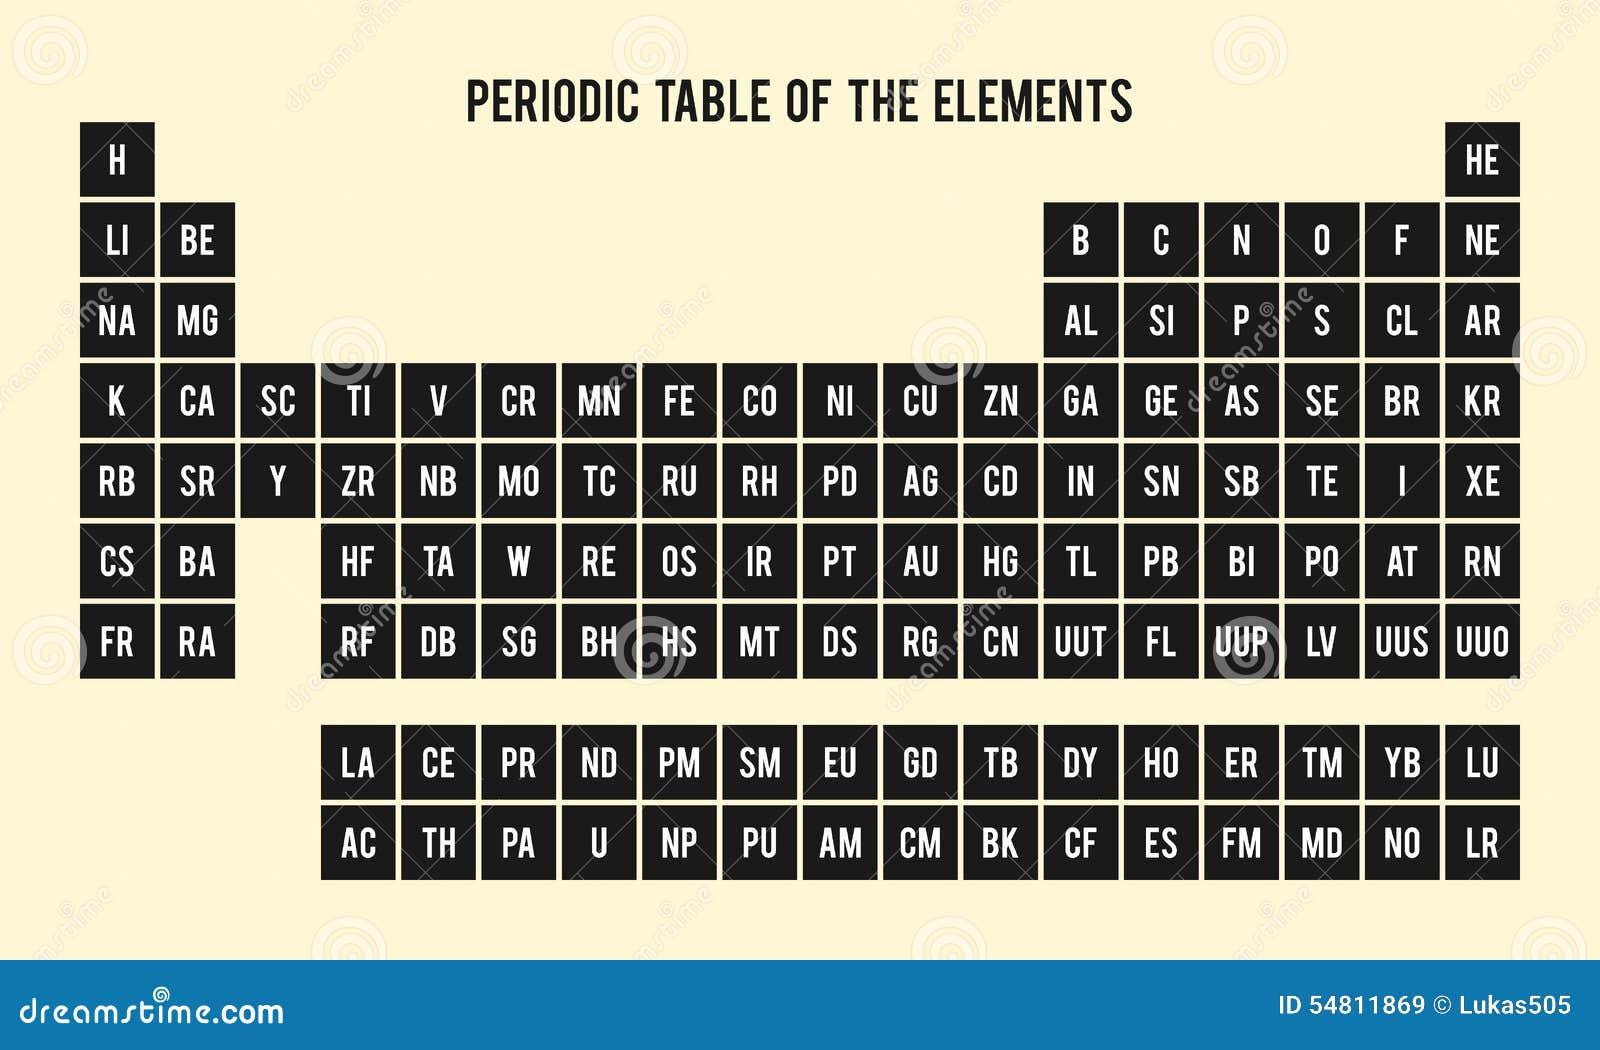 tabla peridica de los elementos smbolos qumicos - Tabla Periodica En Que Ano Fue Creada